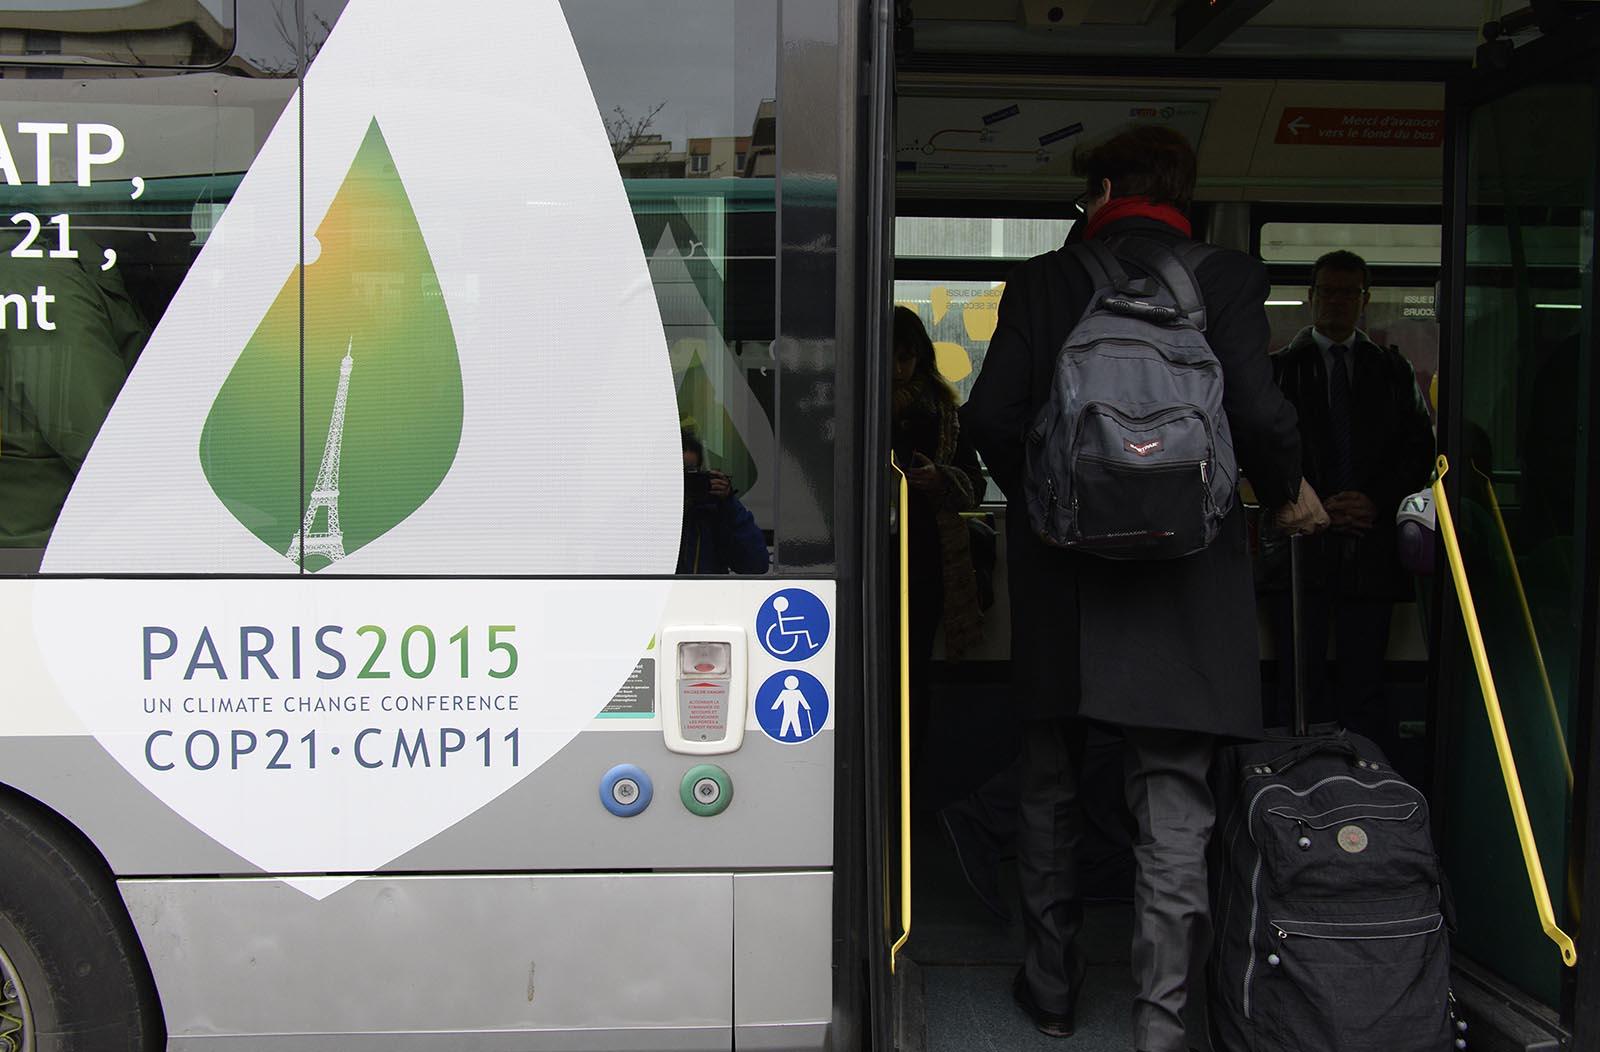 مدعون يصعدون حافلة تقلهم لمؤتمر قمة باريس للتغير المناخي COP21